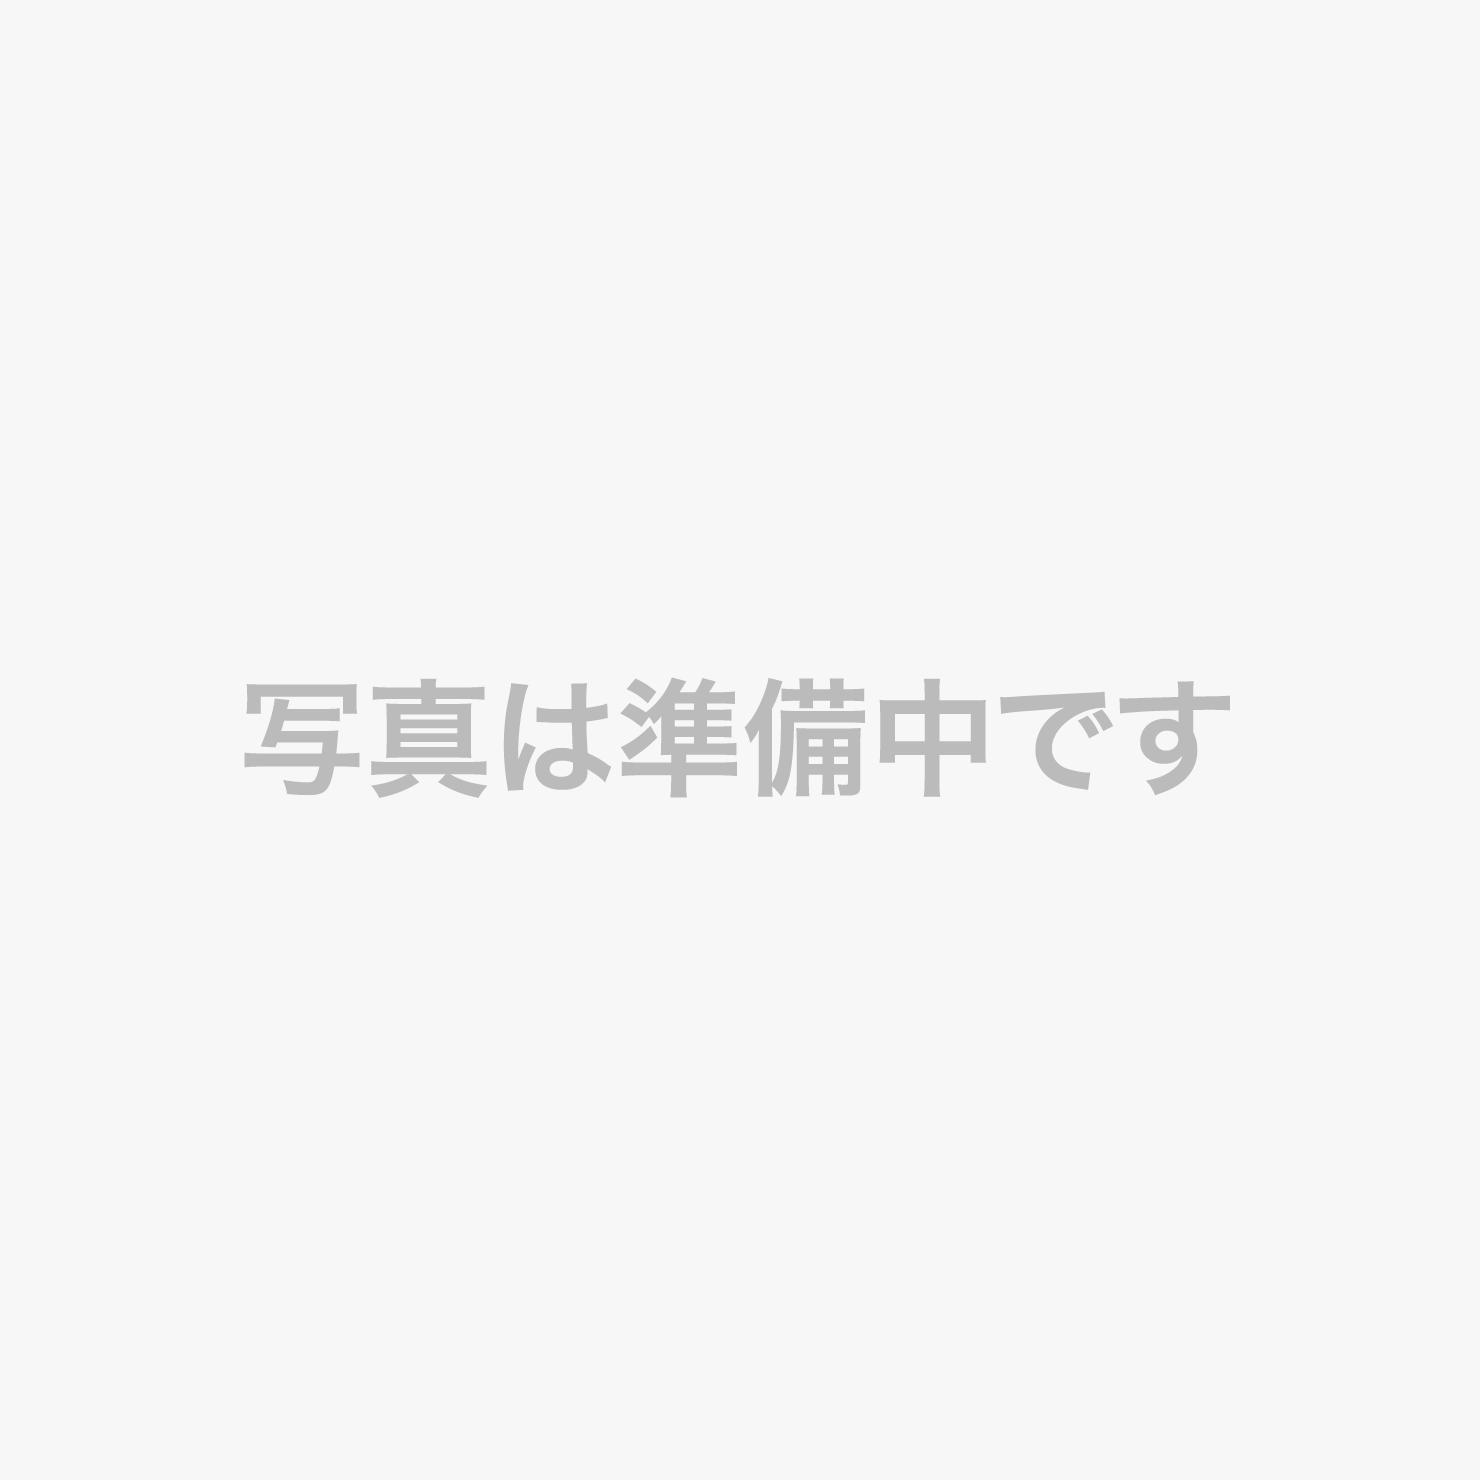 ラーメン(夕食メニュー一部)